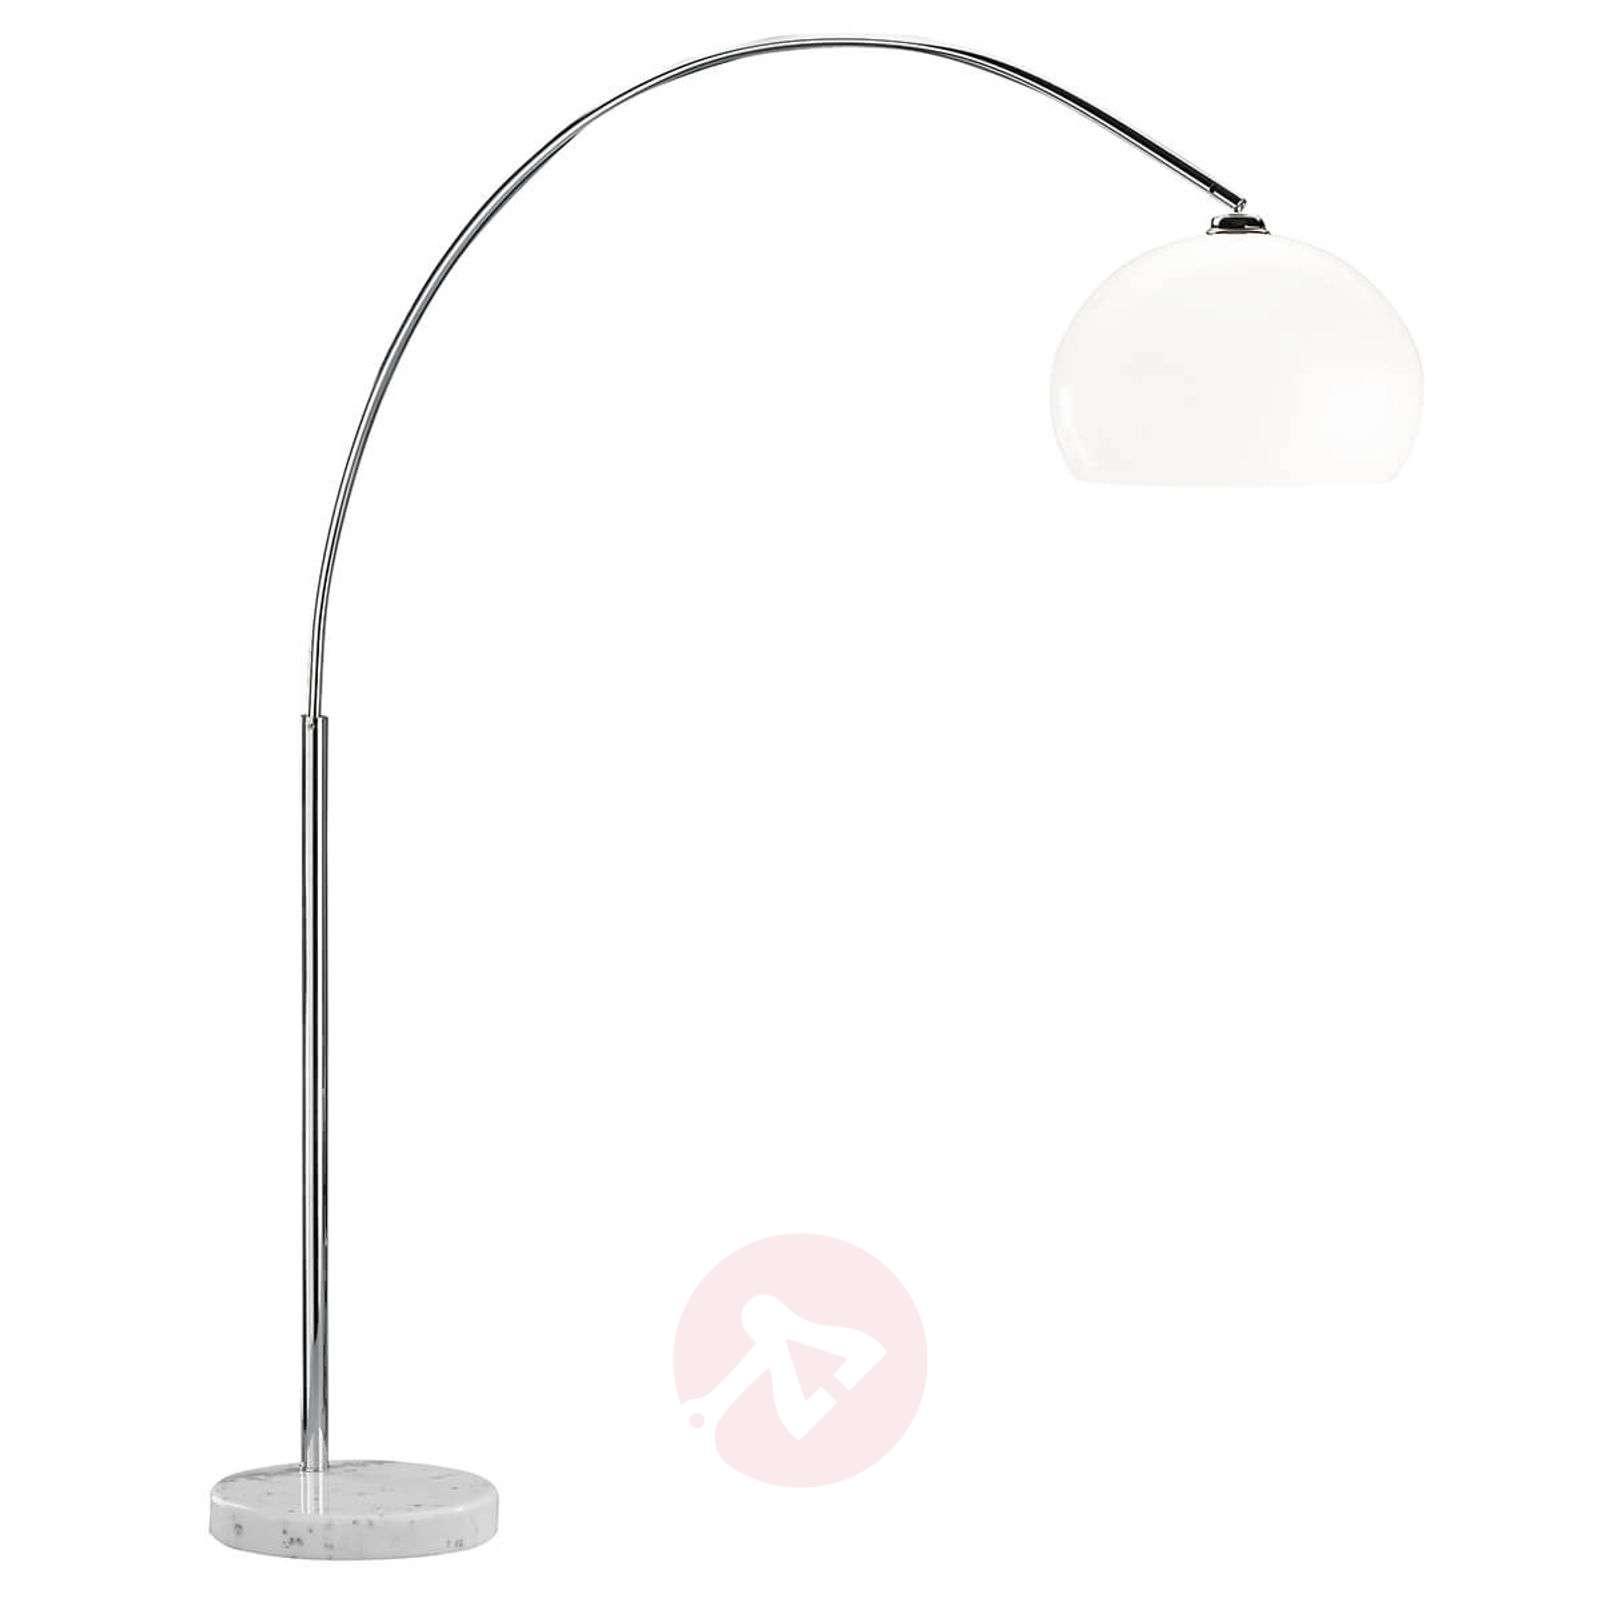 Kaarilamppu Bow-9651498-02